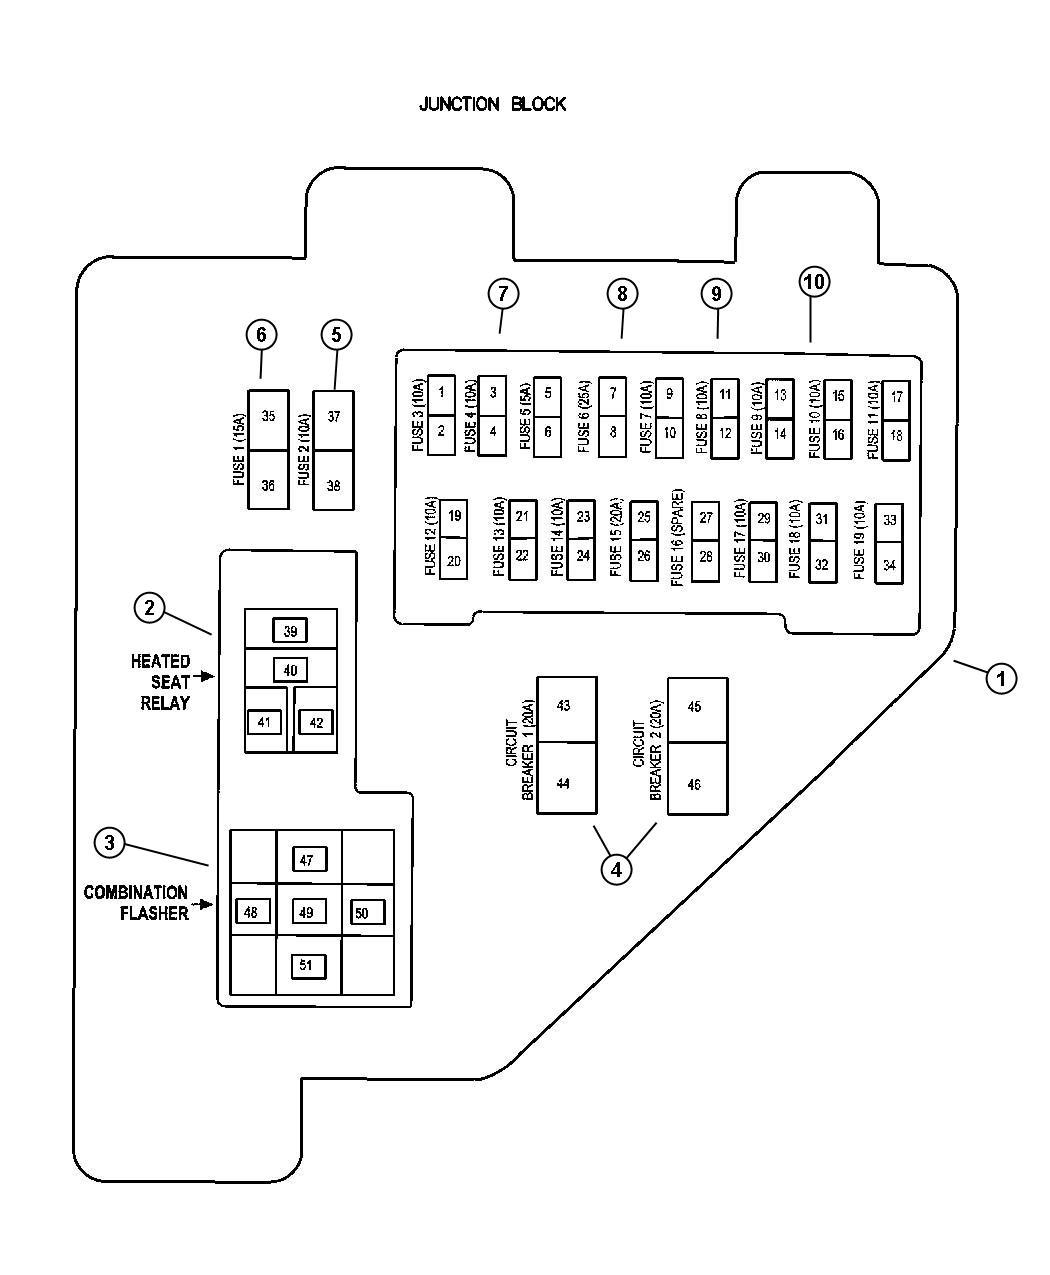 2005 Dodge Durango Interior Fuse Box Diagram   Psoriasisguru.com